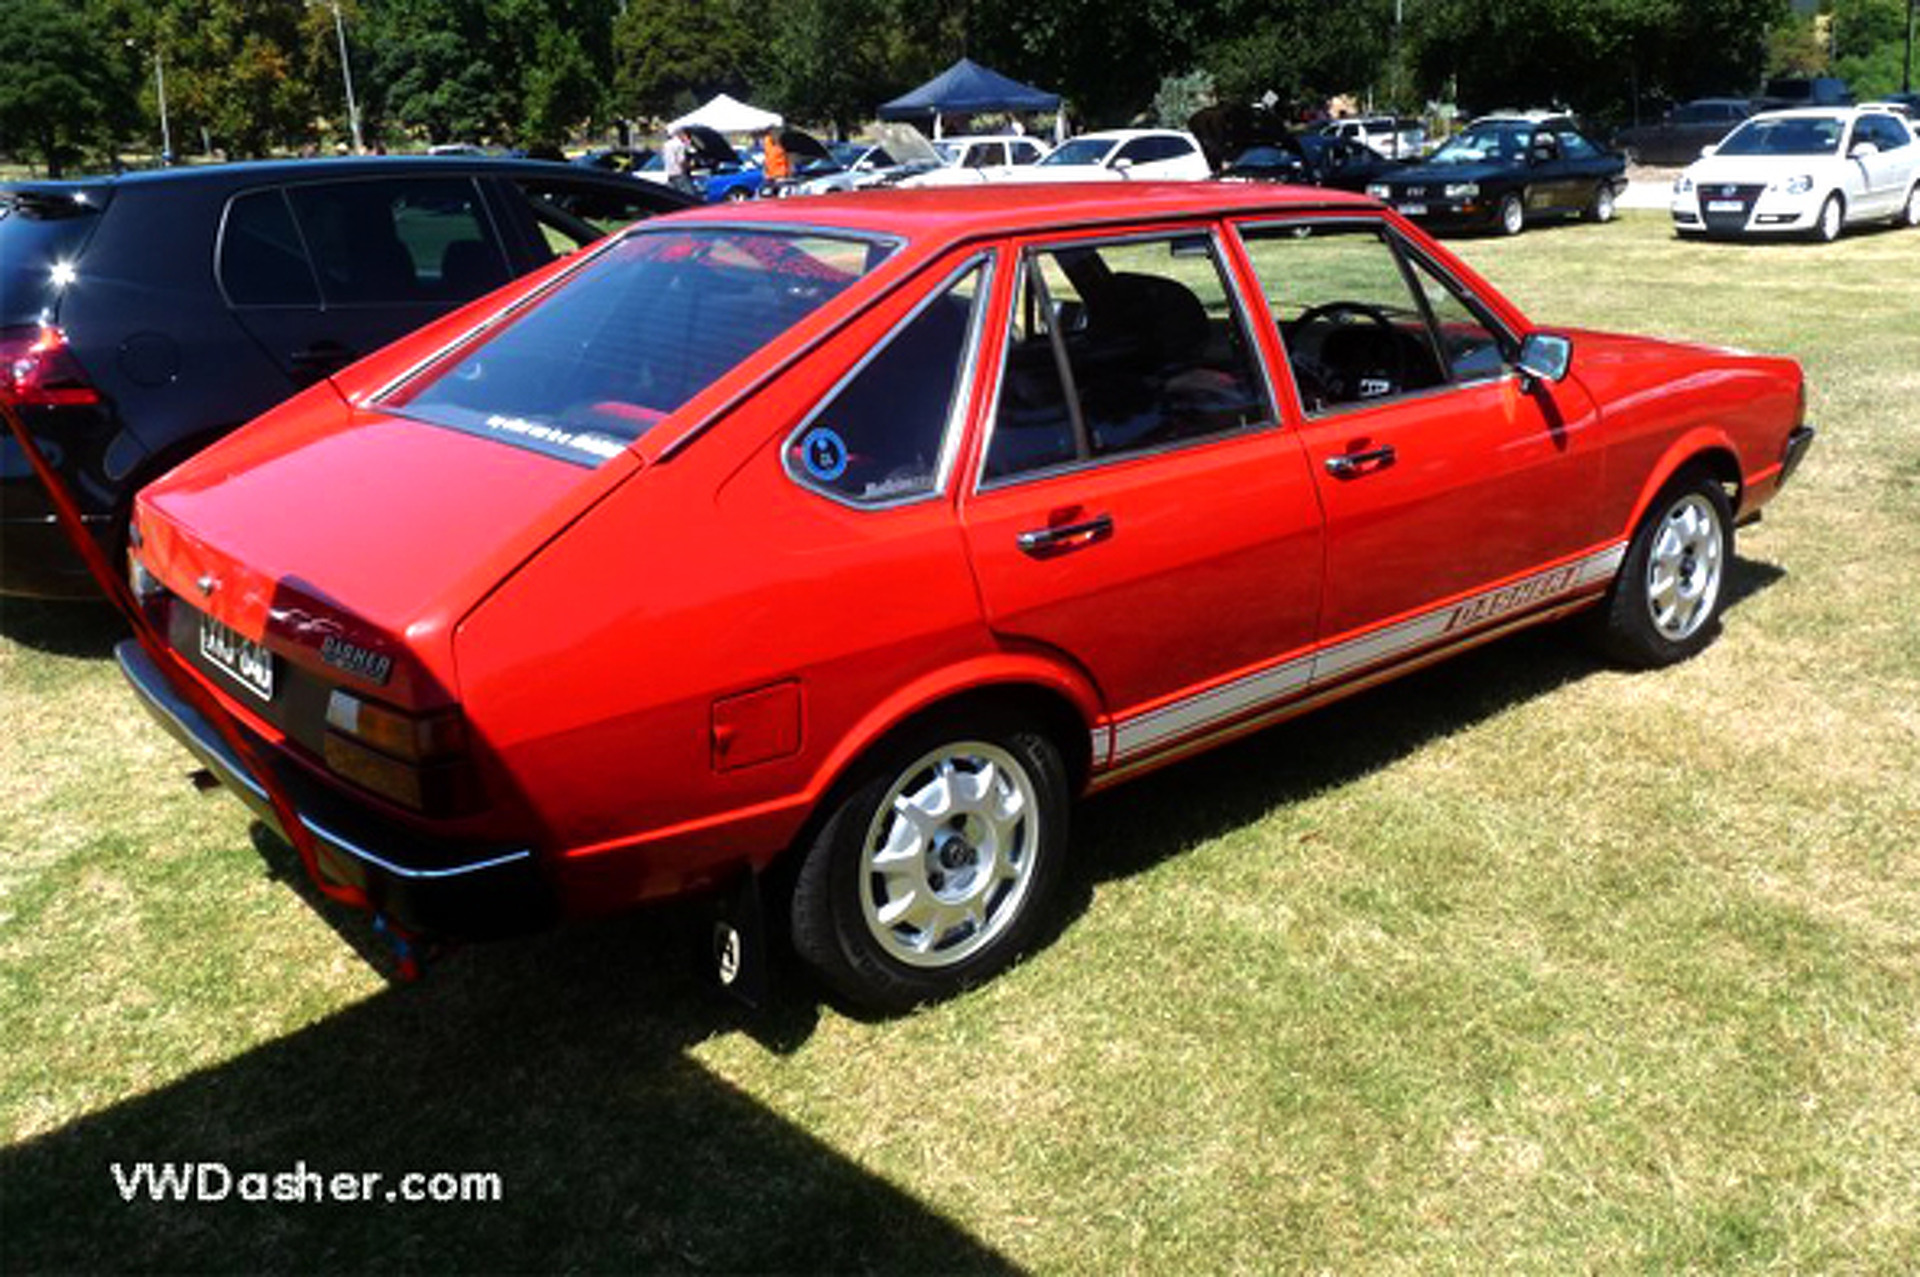 Your Ride: 1979 Volkswagen B1 Passat